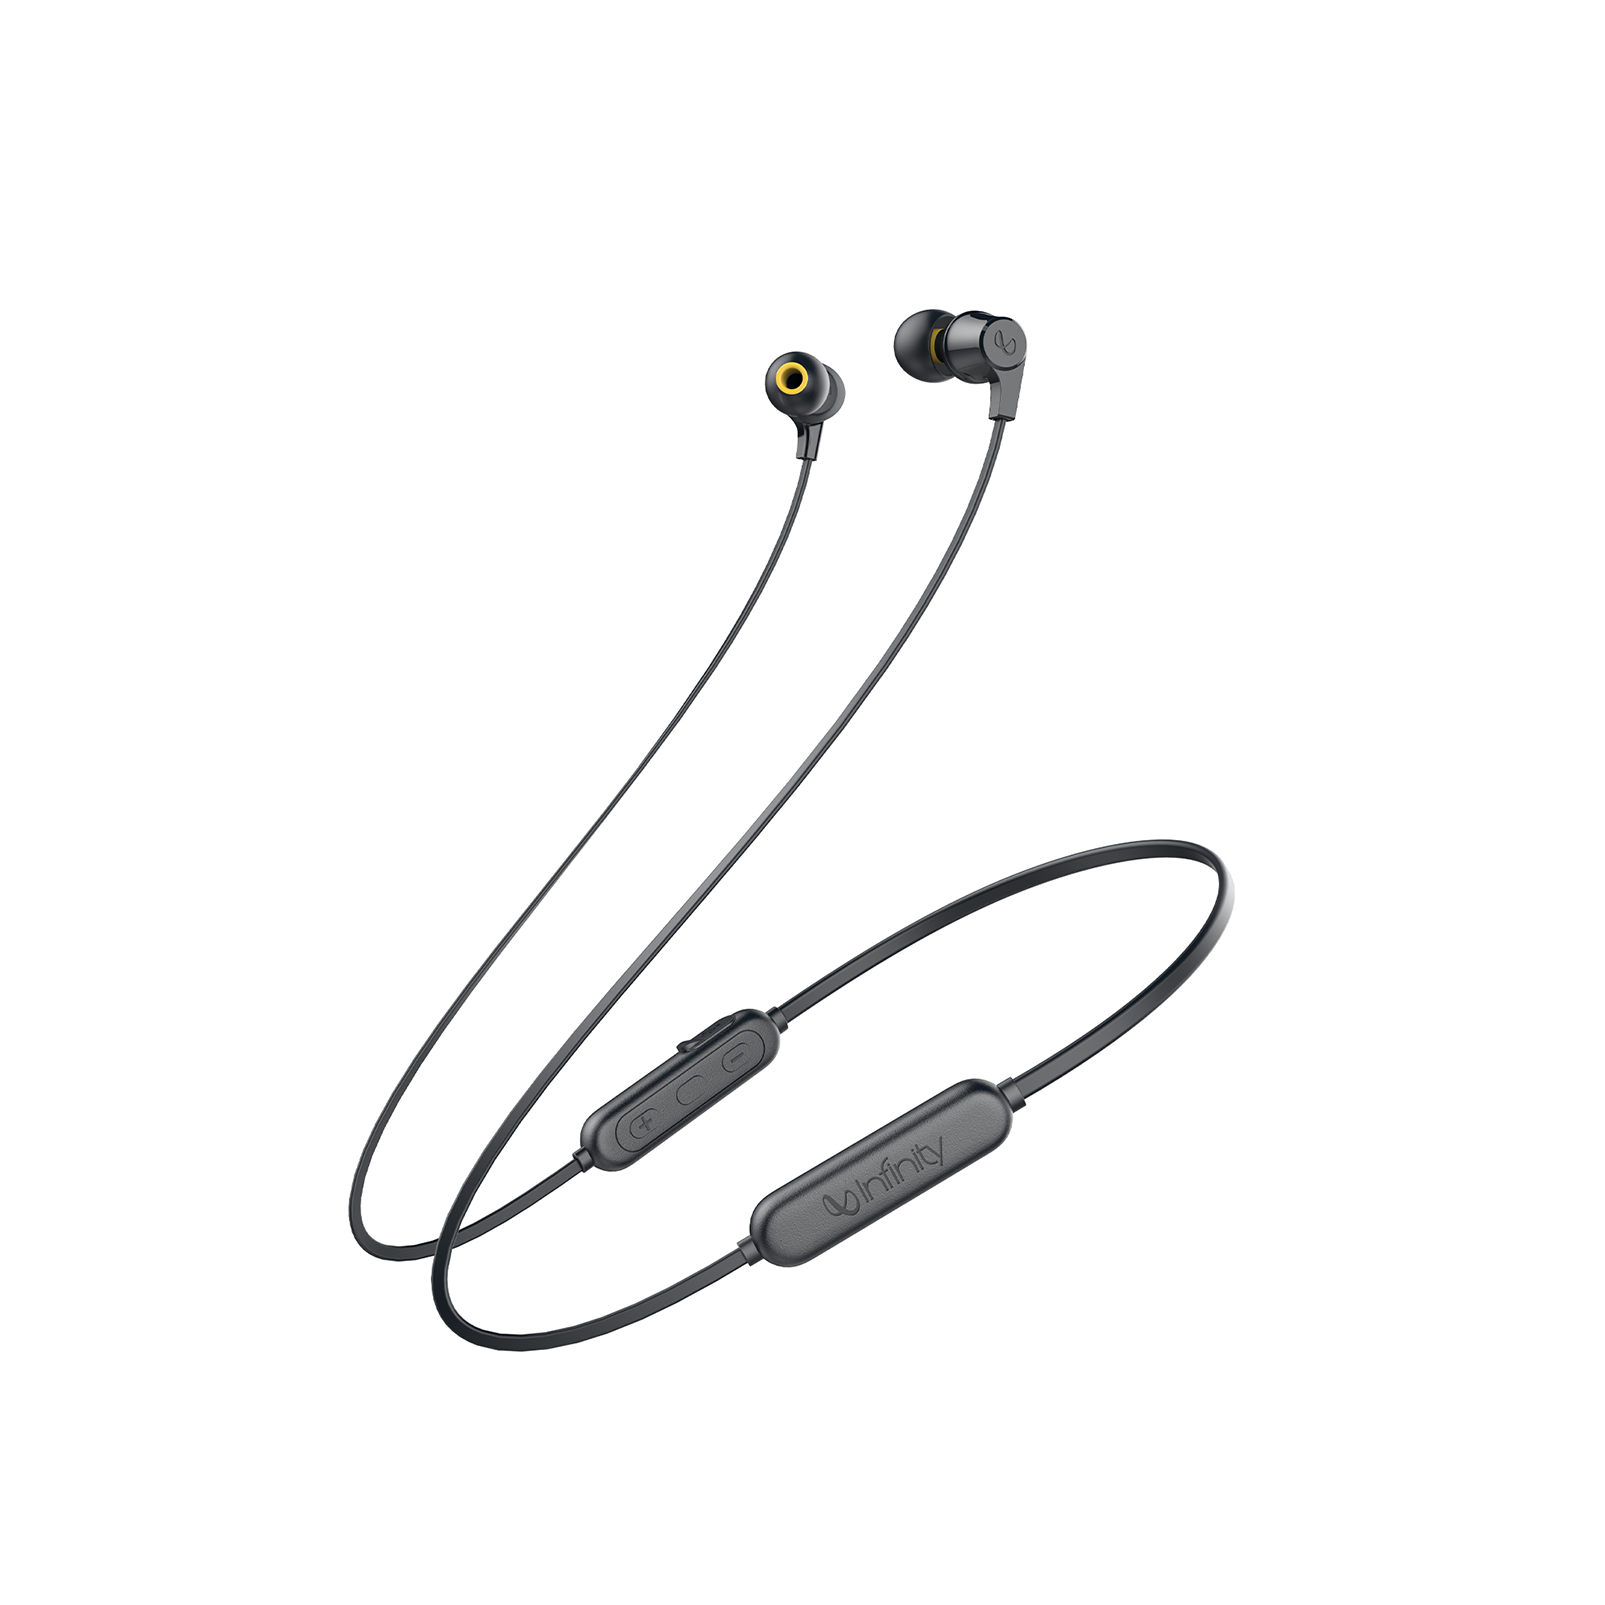 INFINITY GLIDE 105 - Black - In-Ear Wireless Headphones - Hero